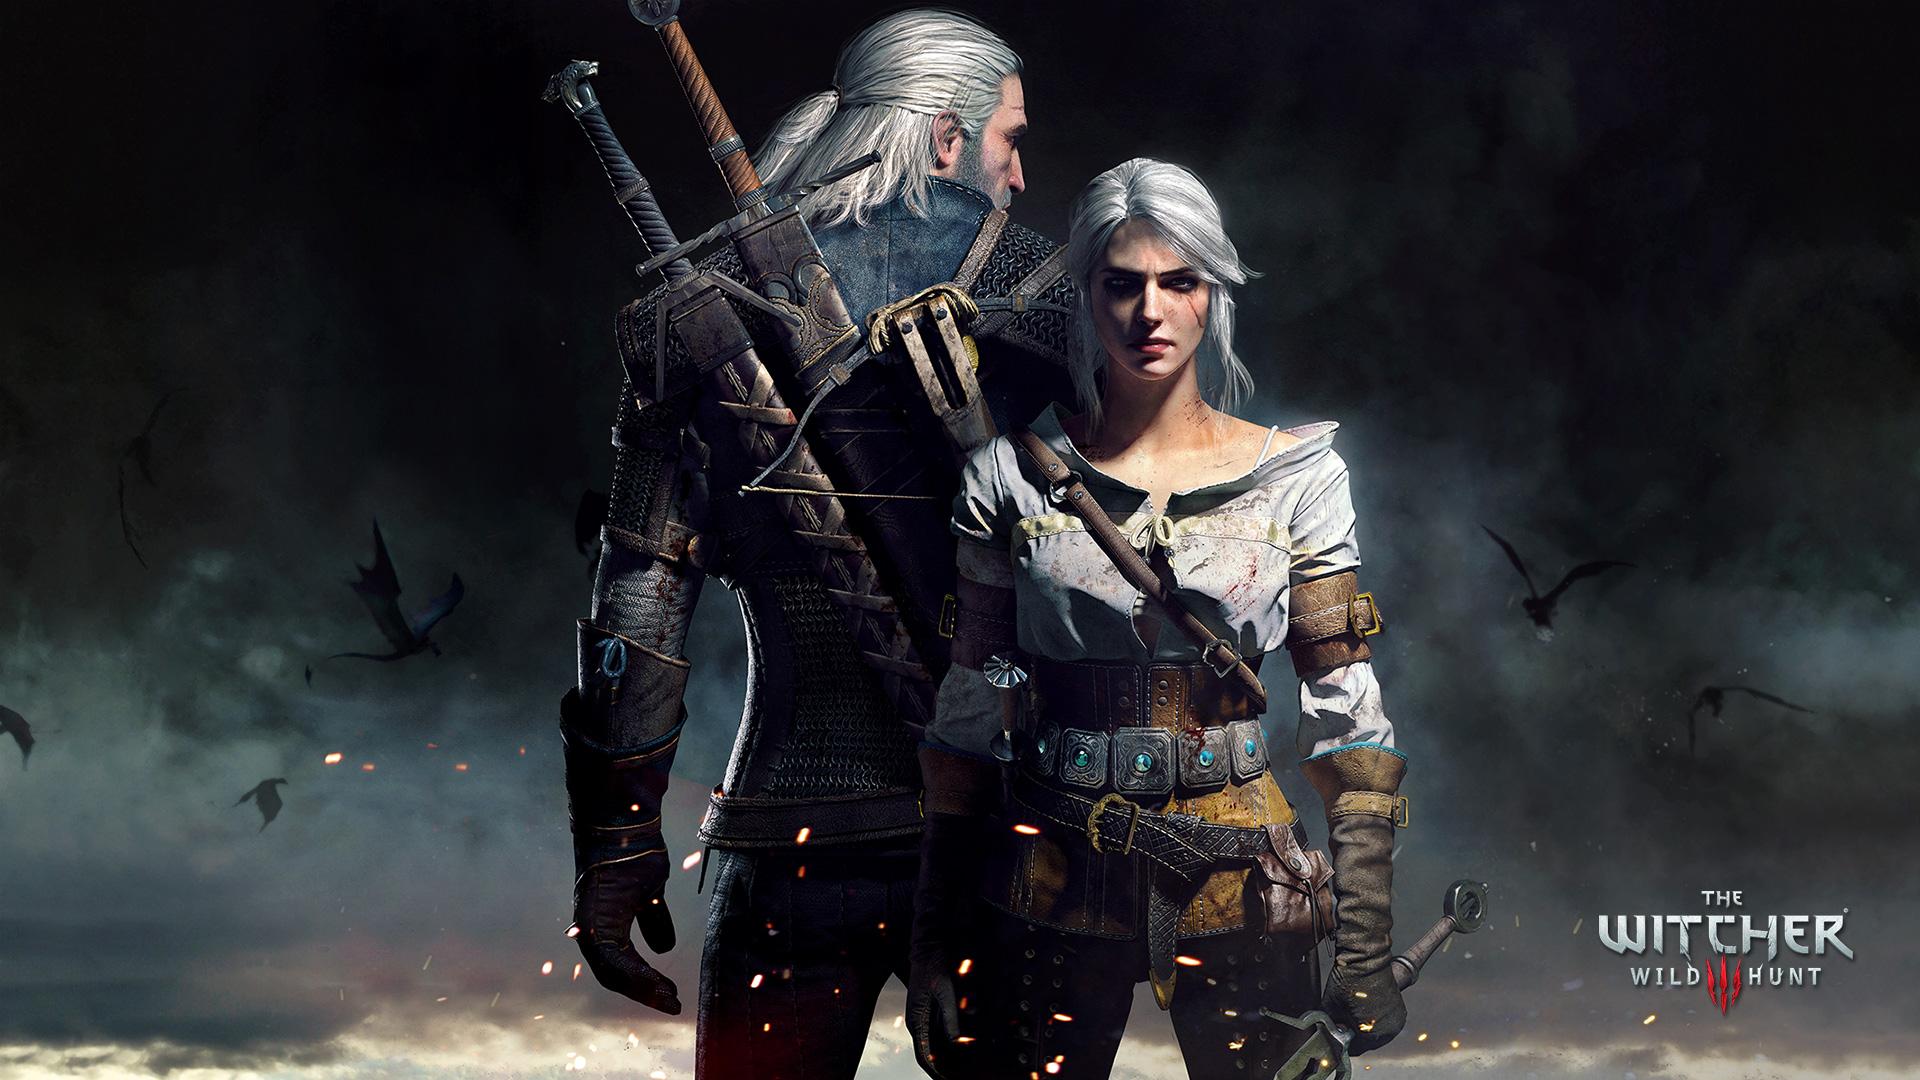 Le dernier titre, The Witcher 3 Wild Hunt, a été acclamé par la critique et les joueurs